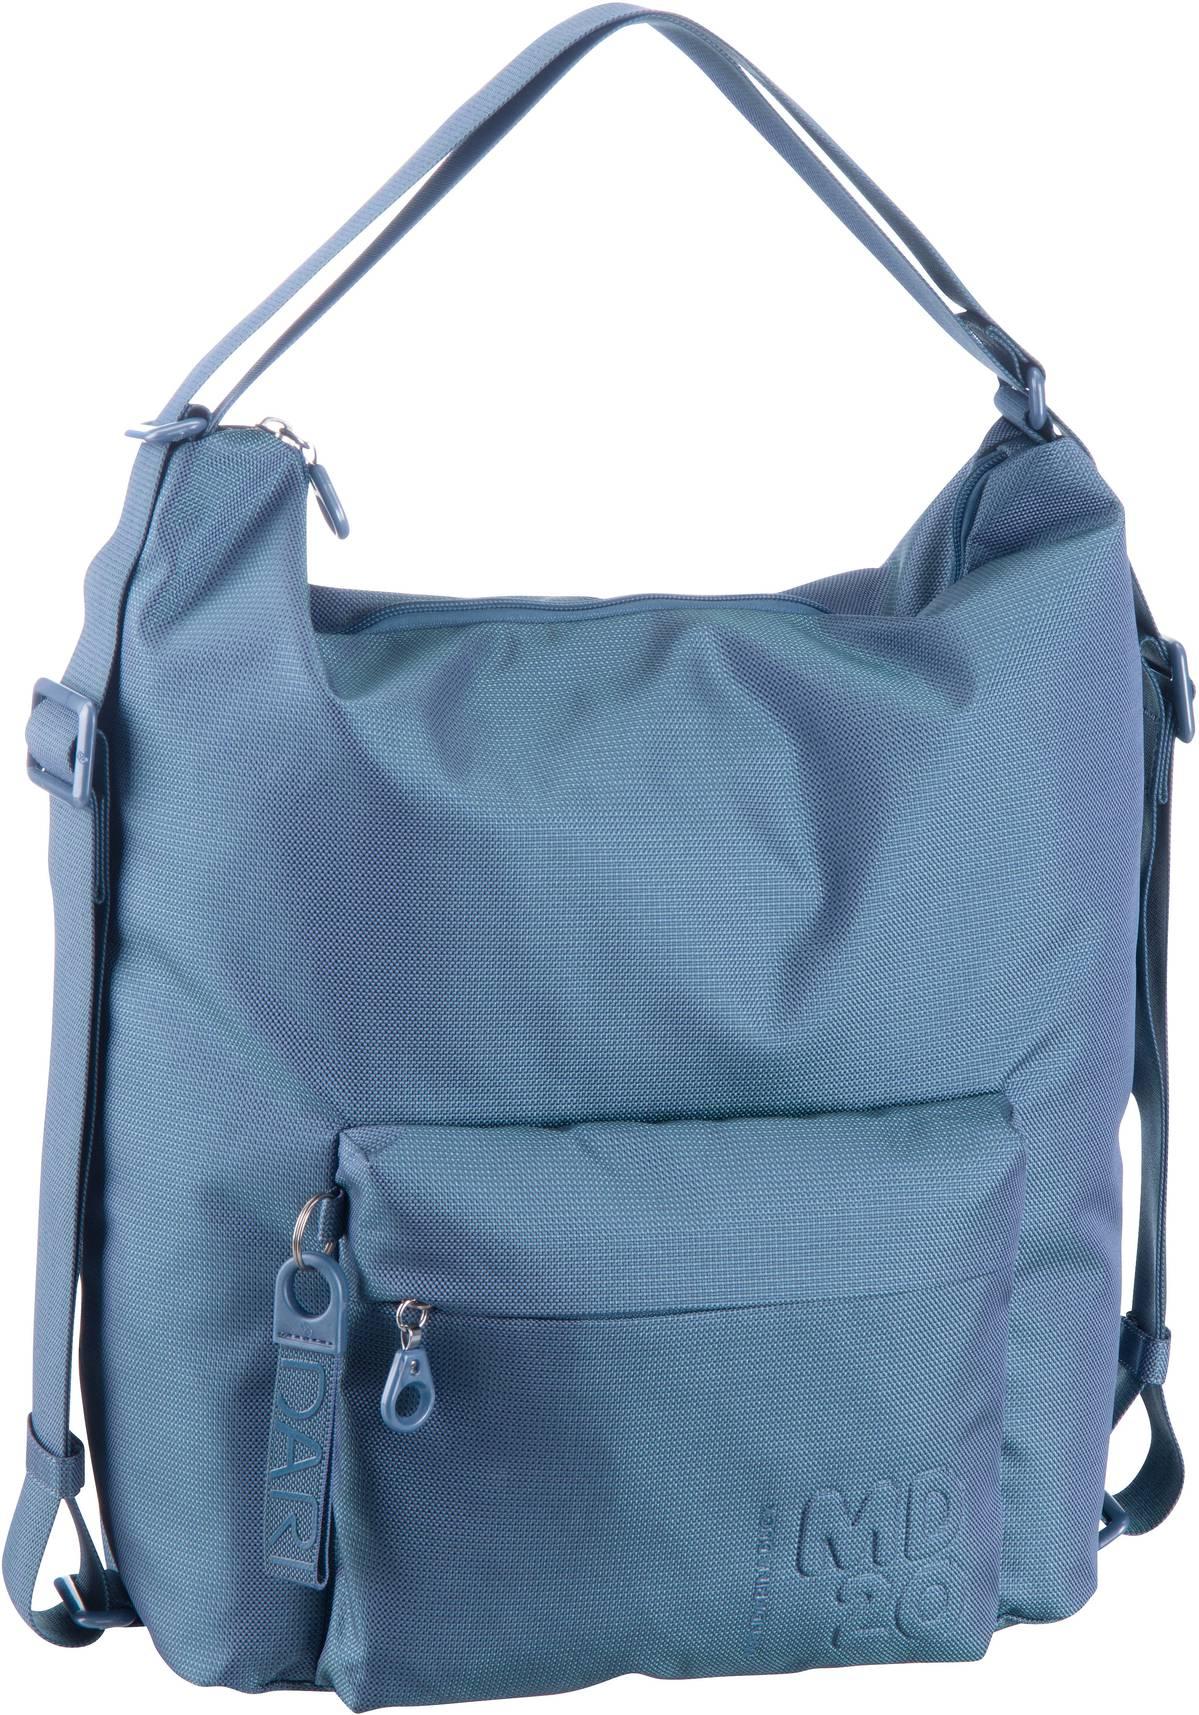 Handtasche MD20 Hobo Backpack QMT09 Moonlight Blue